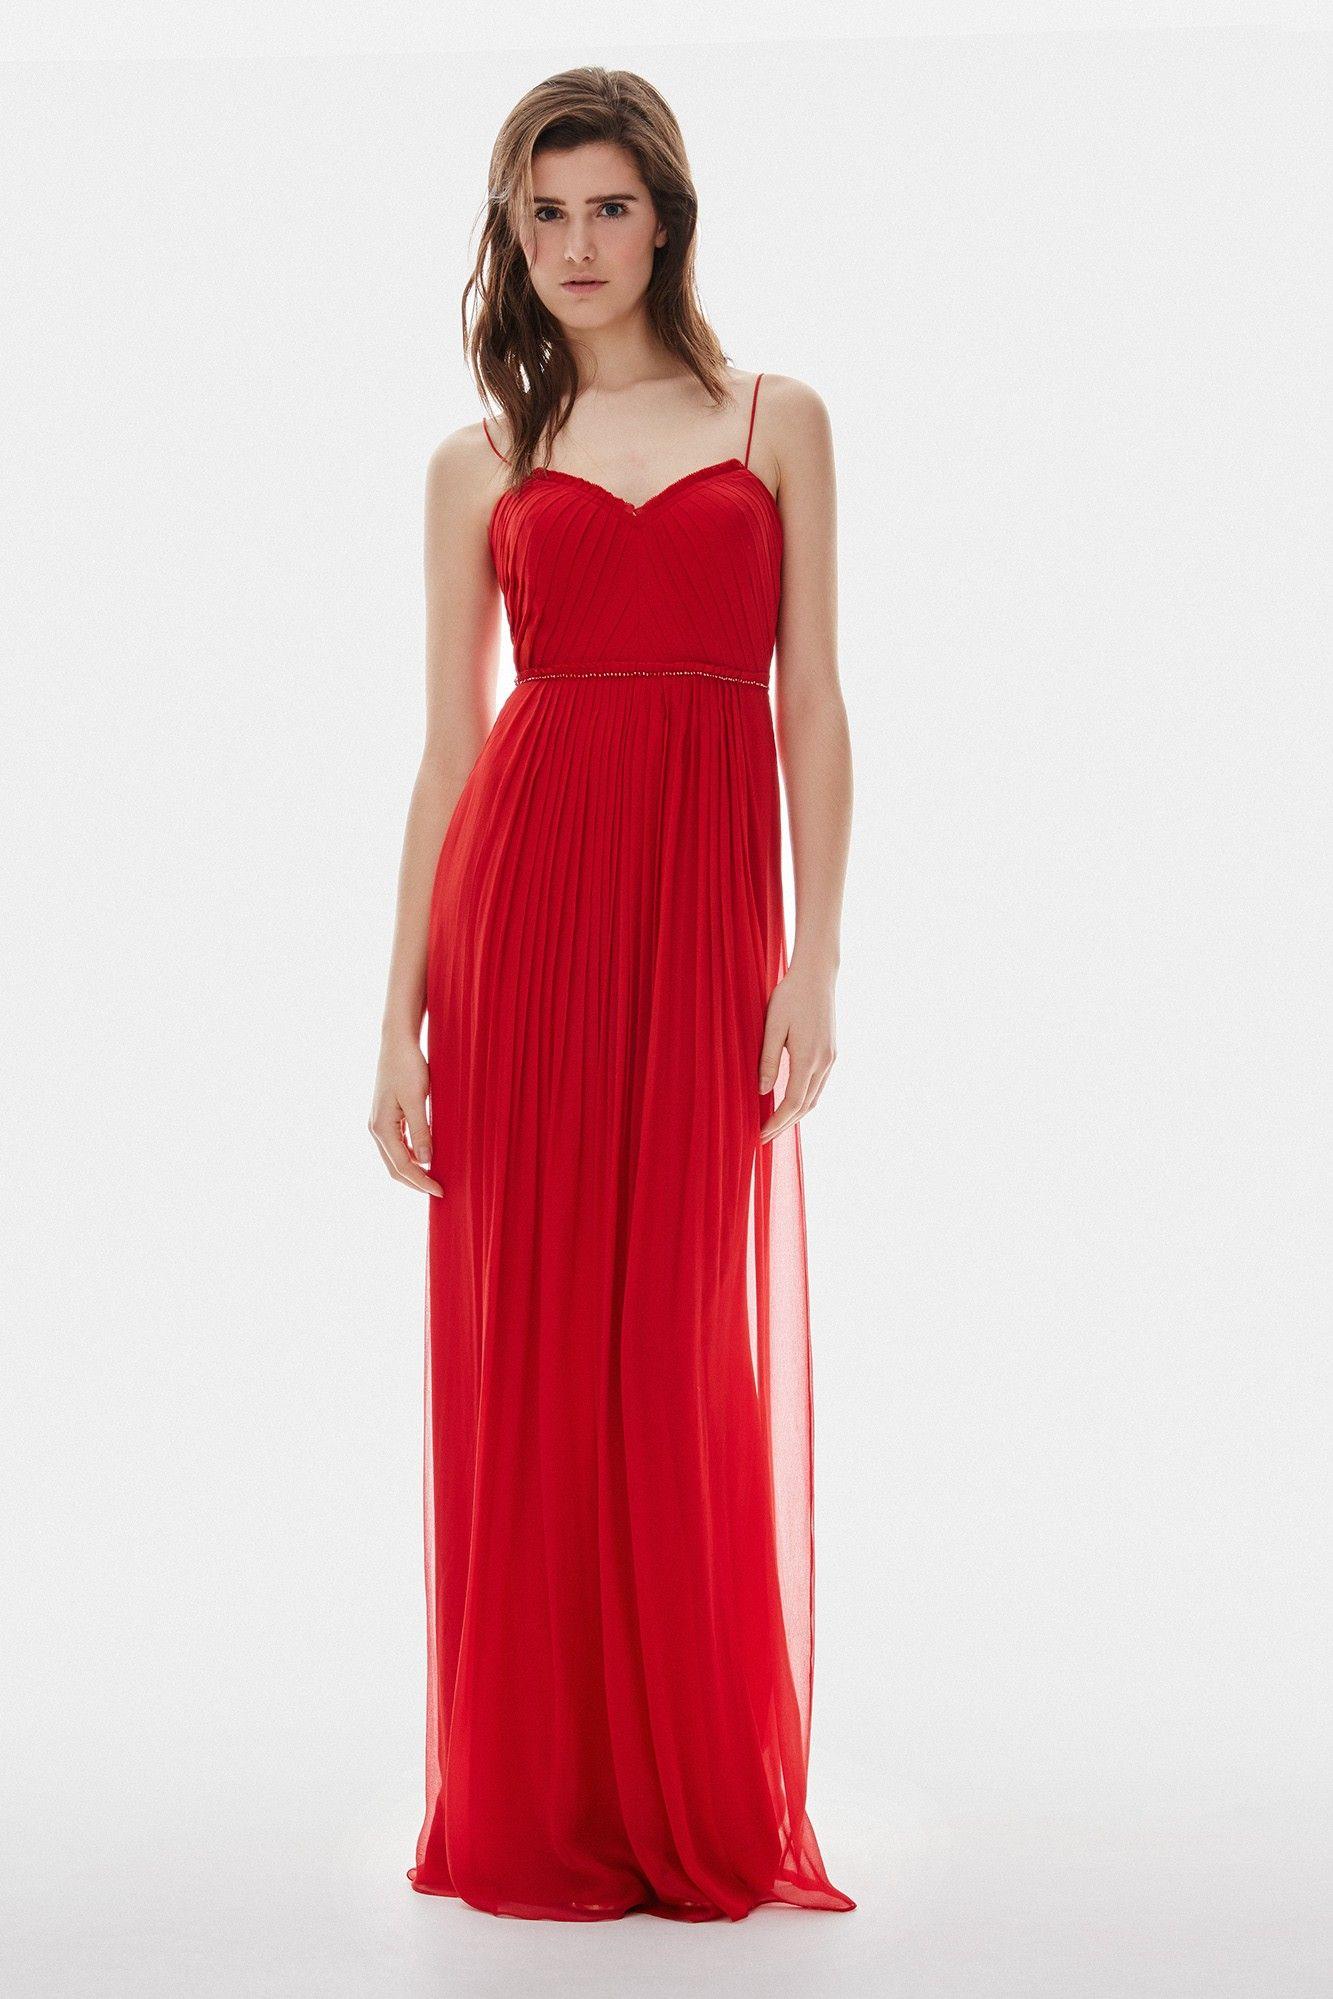 Vestido rojo de seda con corte imperio adolfo dominguez for Adolfo dominguez outlet online